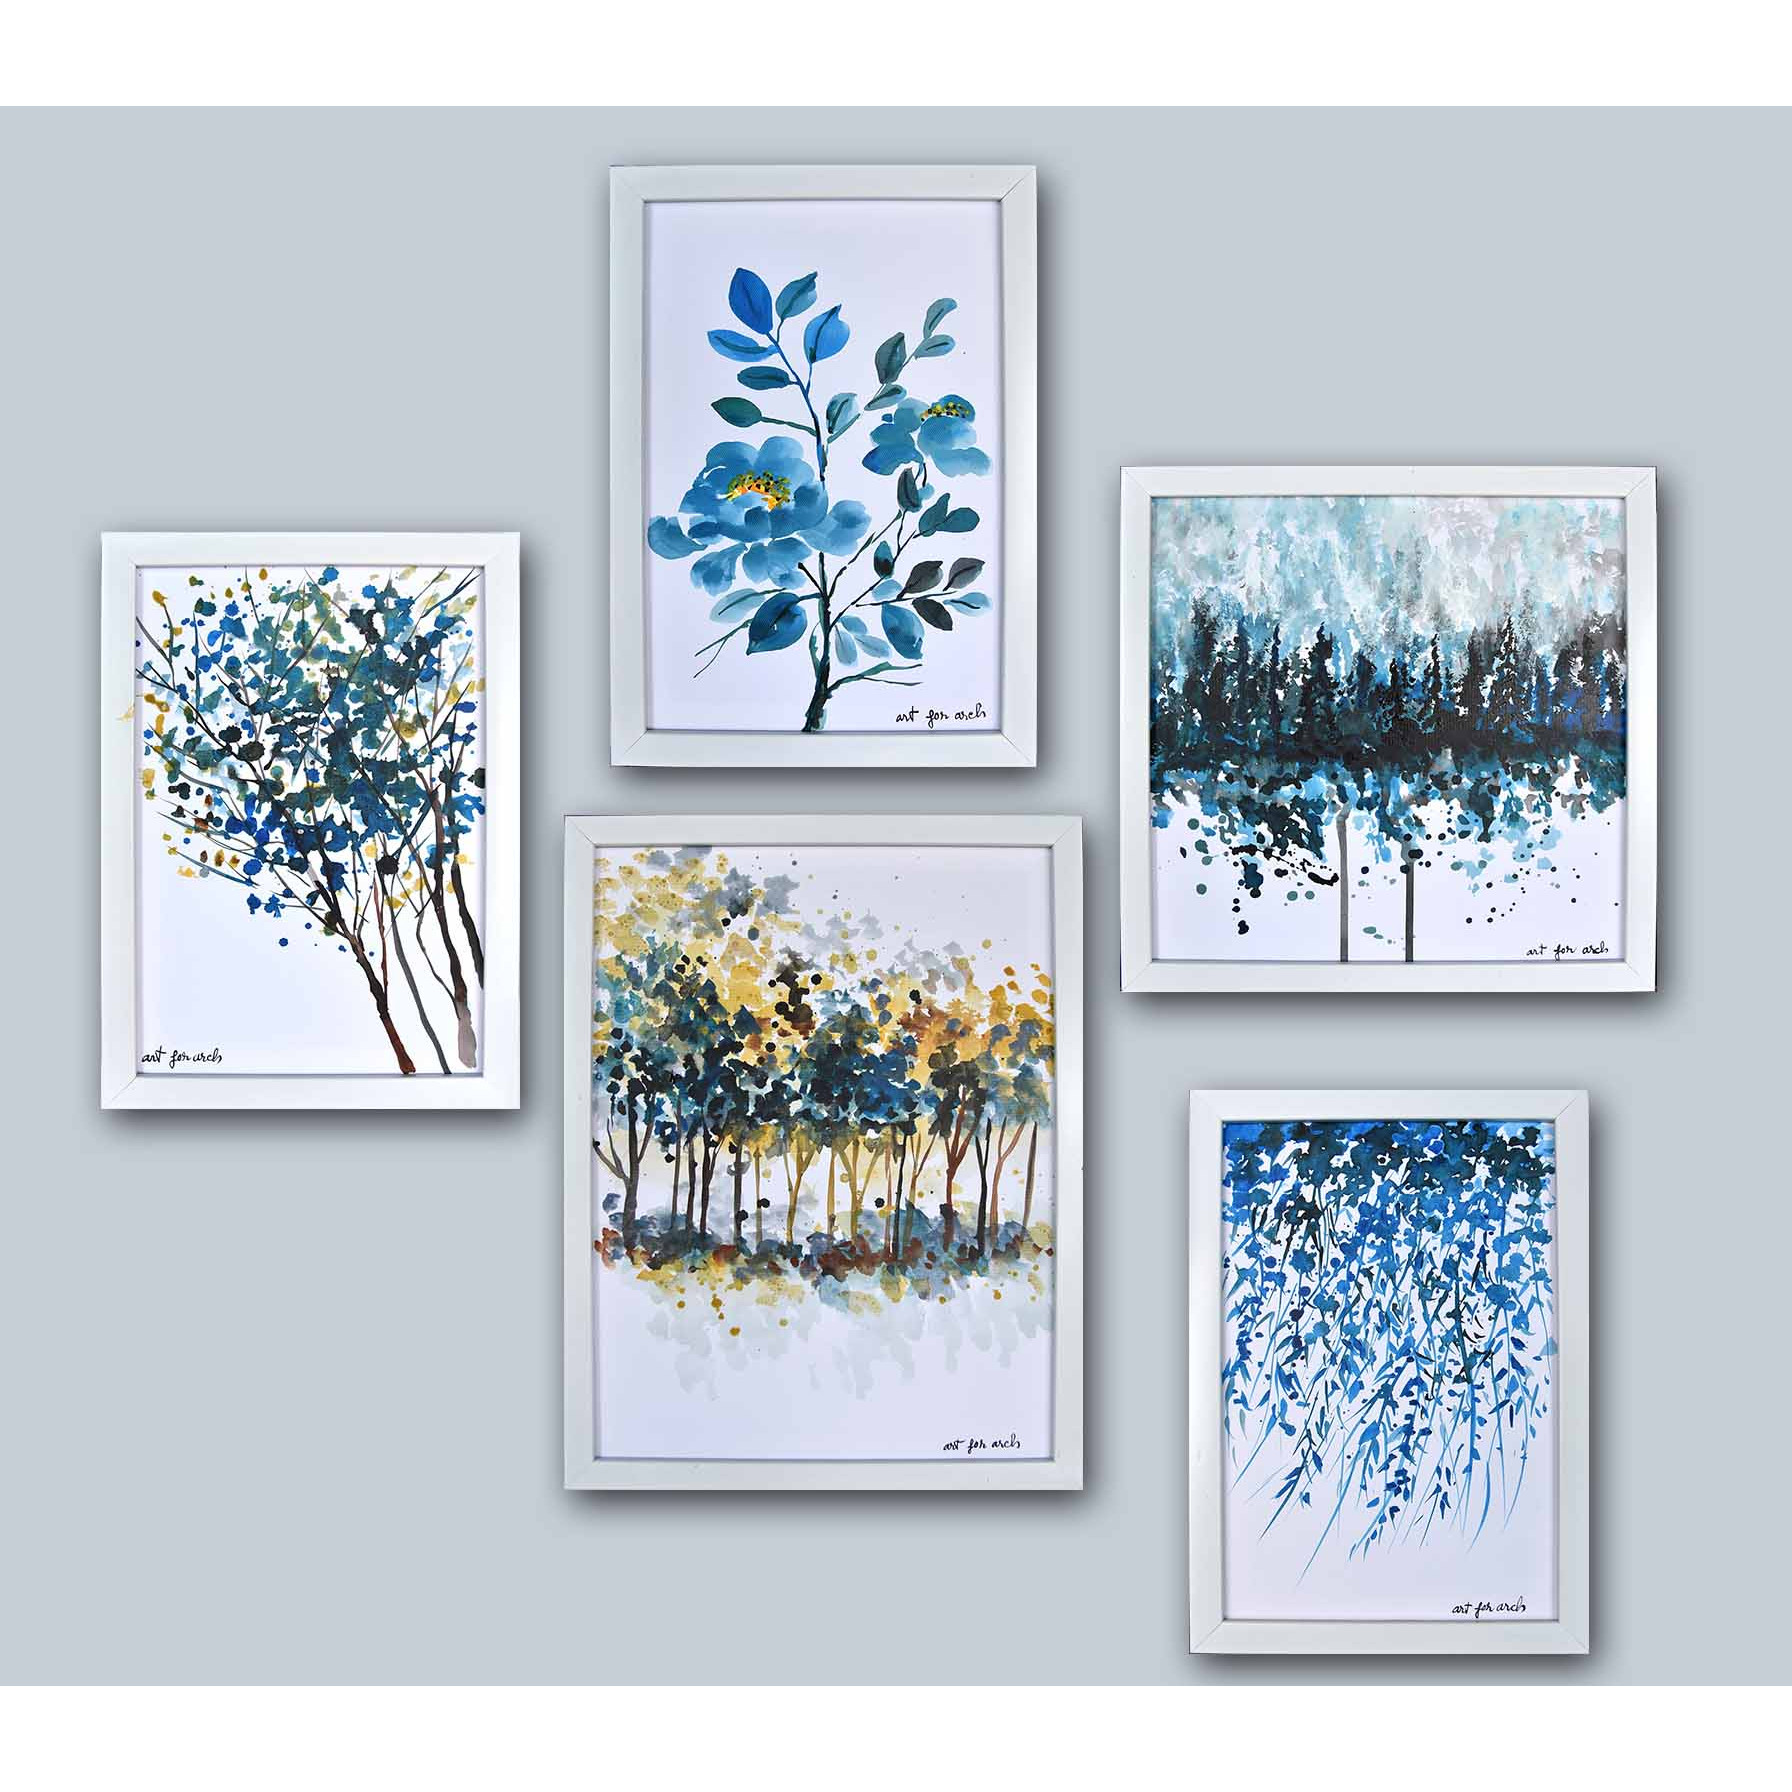 Tranh sơn dầu bộ hoa xanh